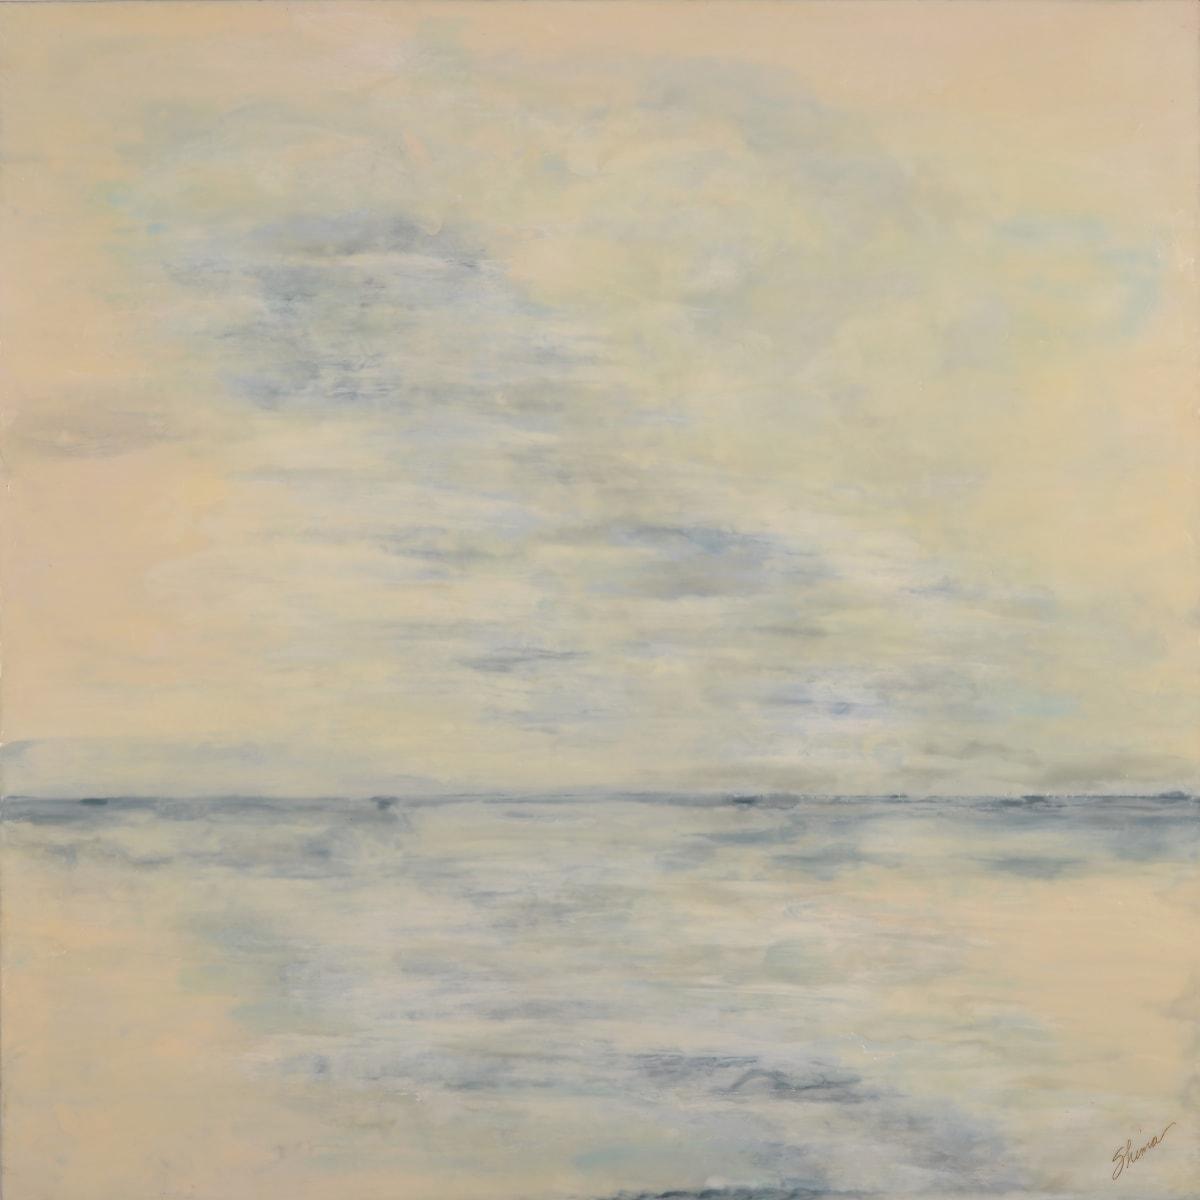 Passage by Shima Shanti